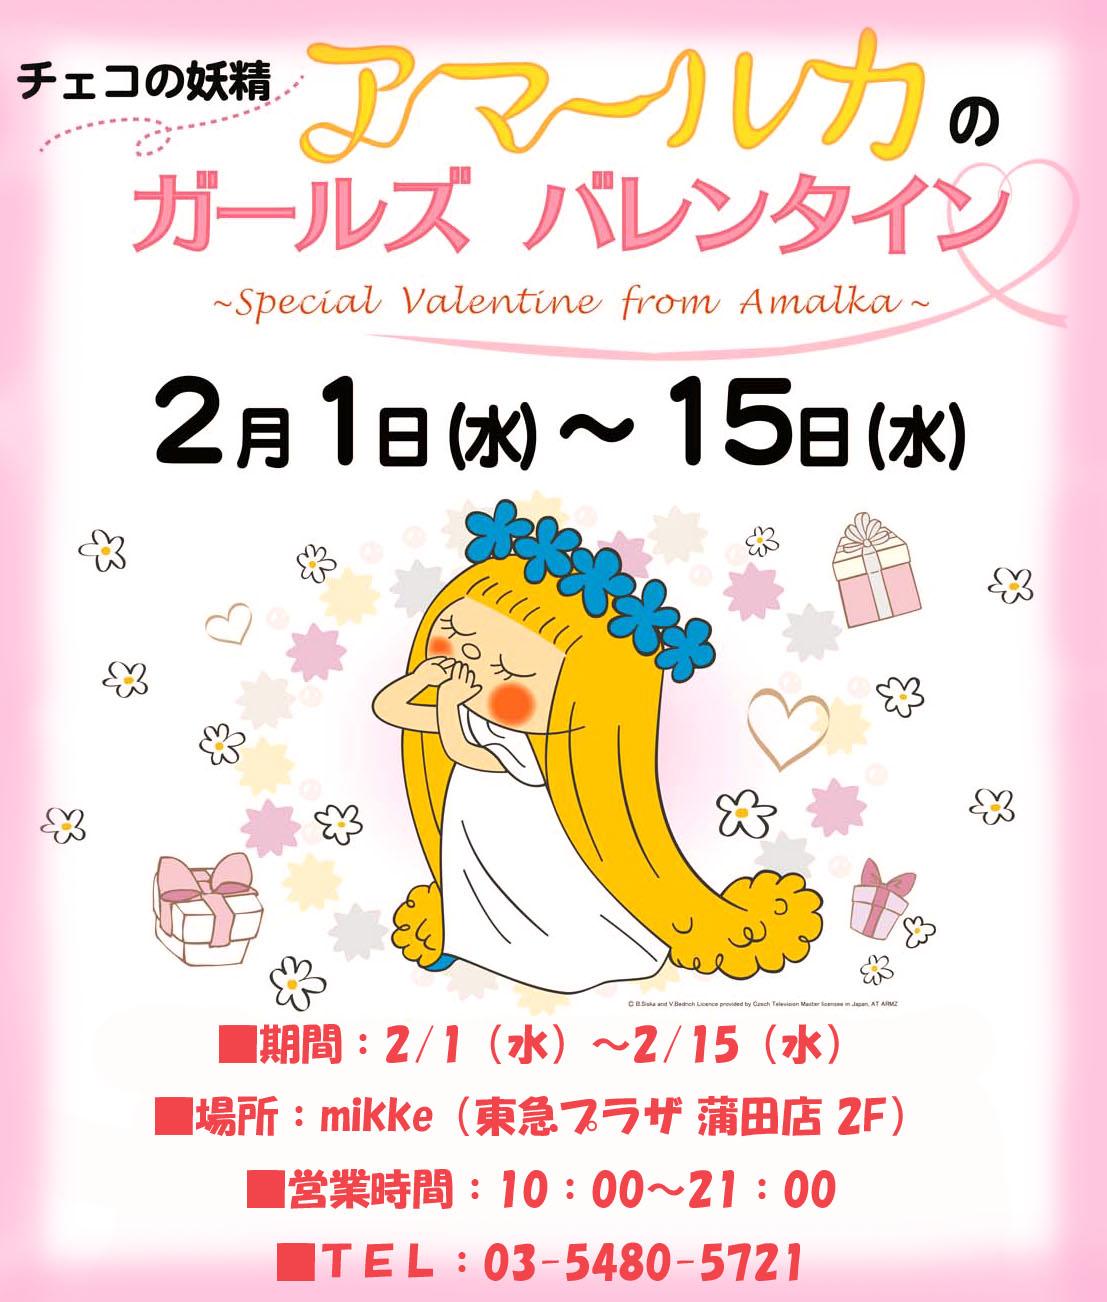 2/1~2/15に、蒲田駅直結の東急プラザmikkeで期間限定ショップ開催!